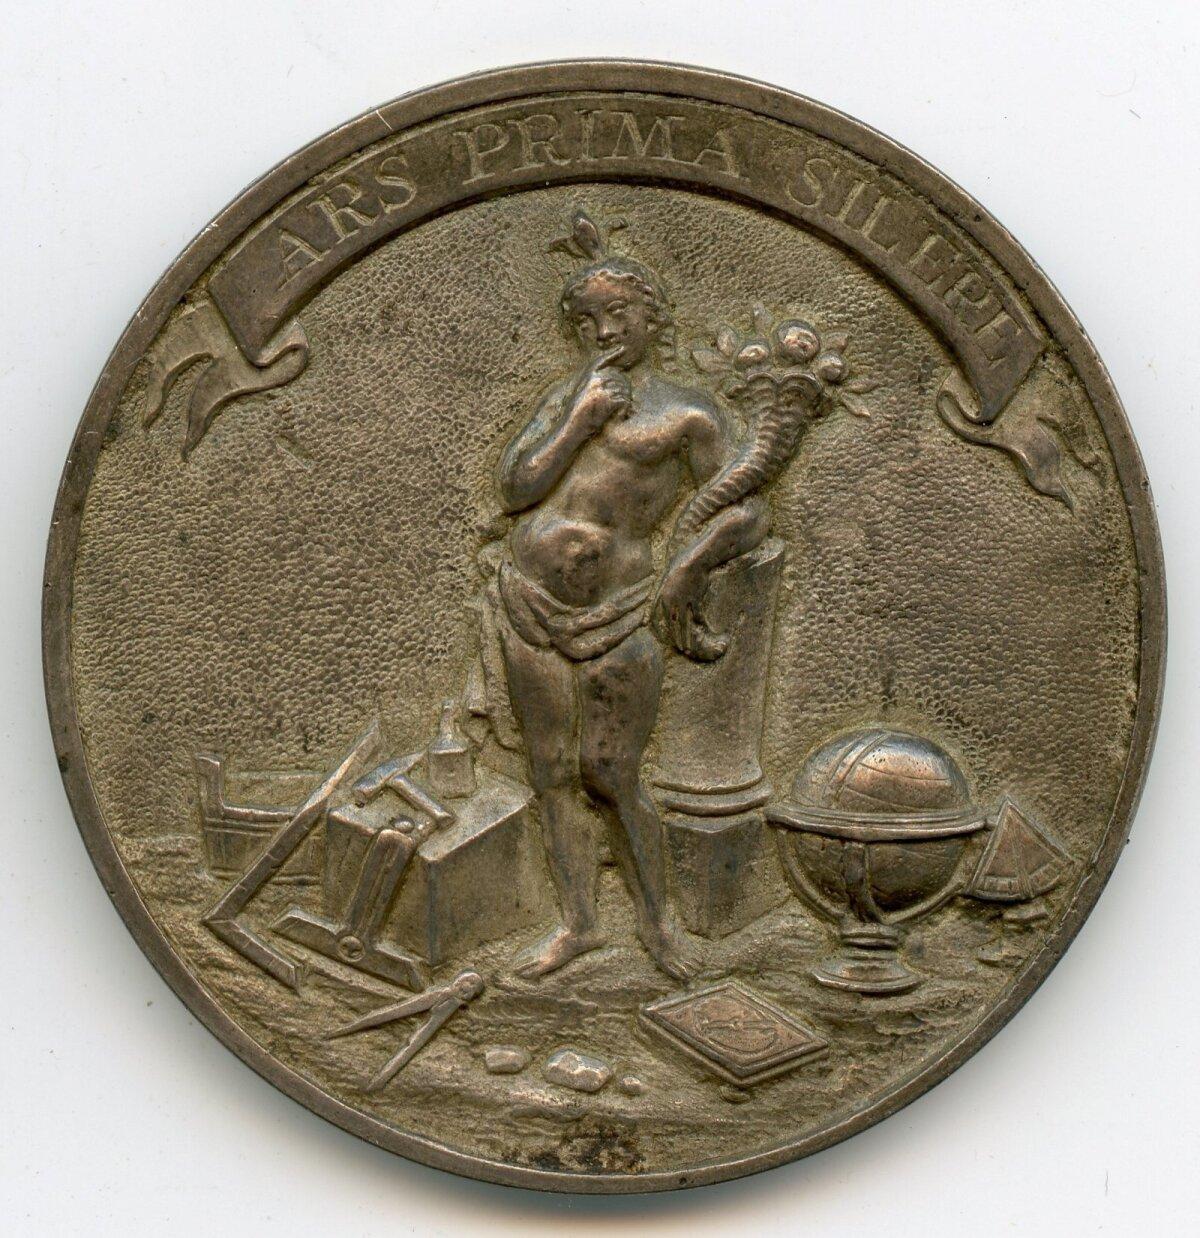 """СЕКРЕТЫ МАСОНСТВА: Медаль вольных каменщиков """"Молчание — самое большое из искусств"""". 18-й век. Фото: коллекция Эстонского исторического музея"""